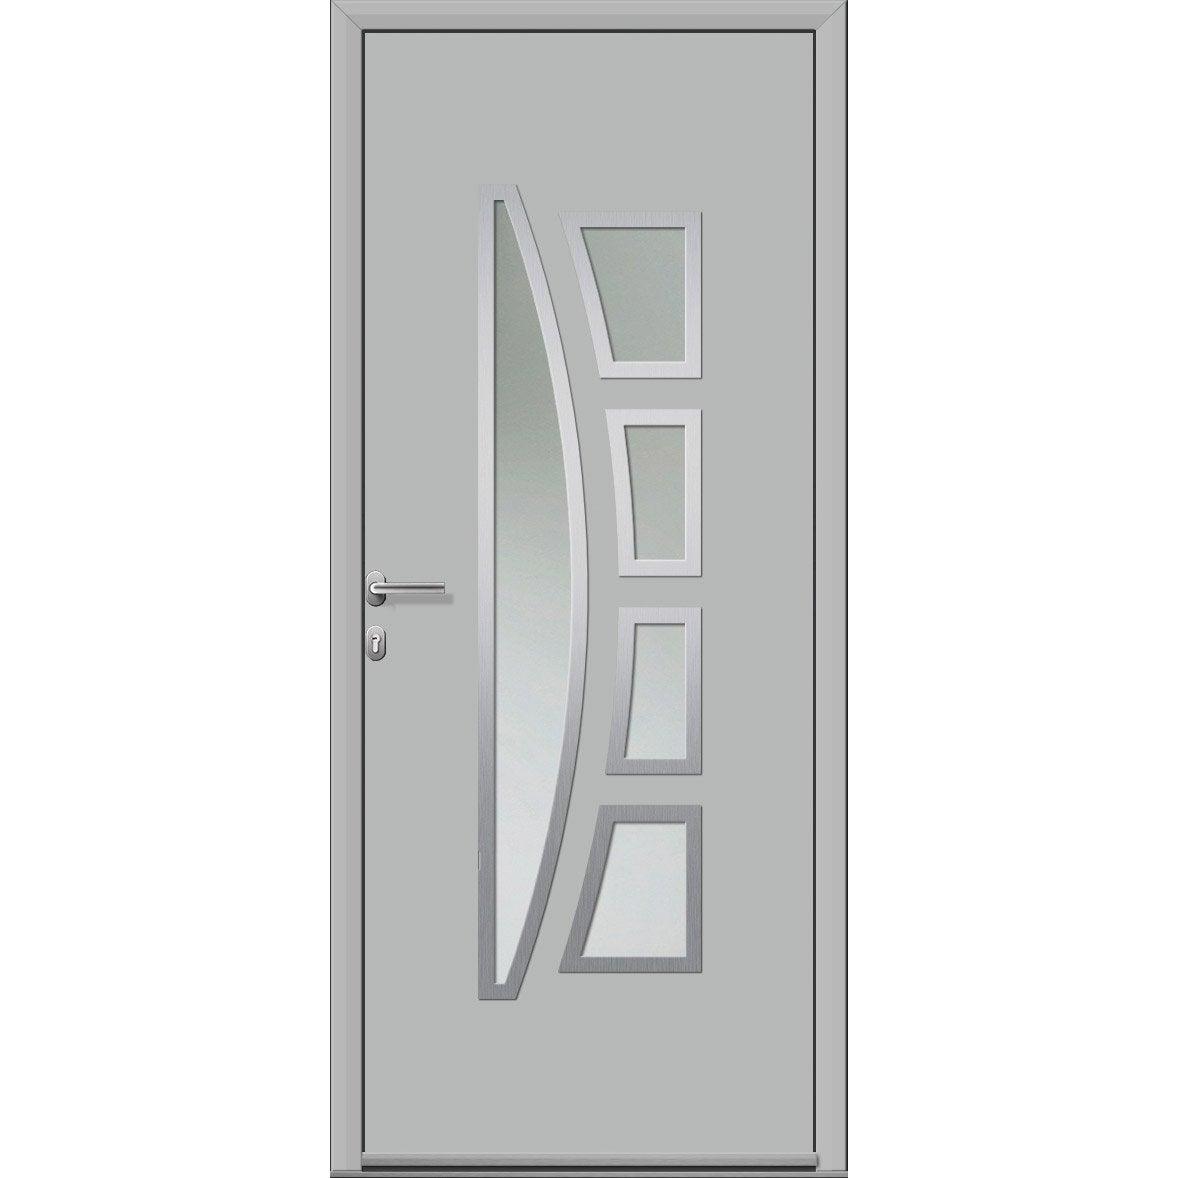 Porte Bois Gris Clair porte d'entrée alu riwa essentiel h.215 x l.90 cm vitrée gris clair, pou.  droit